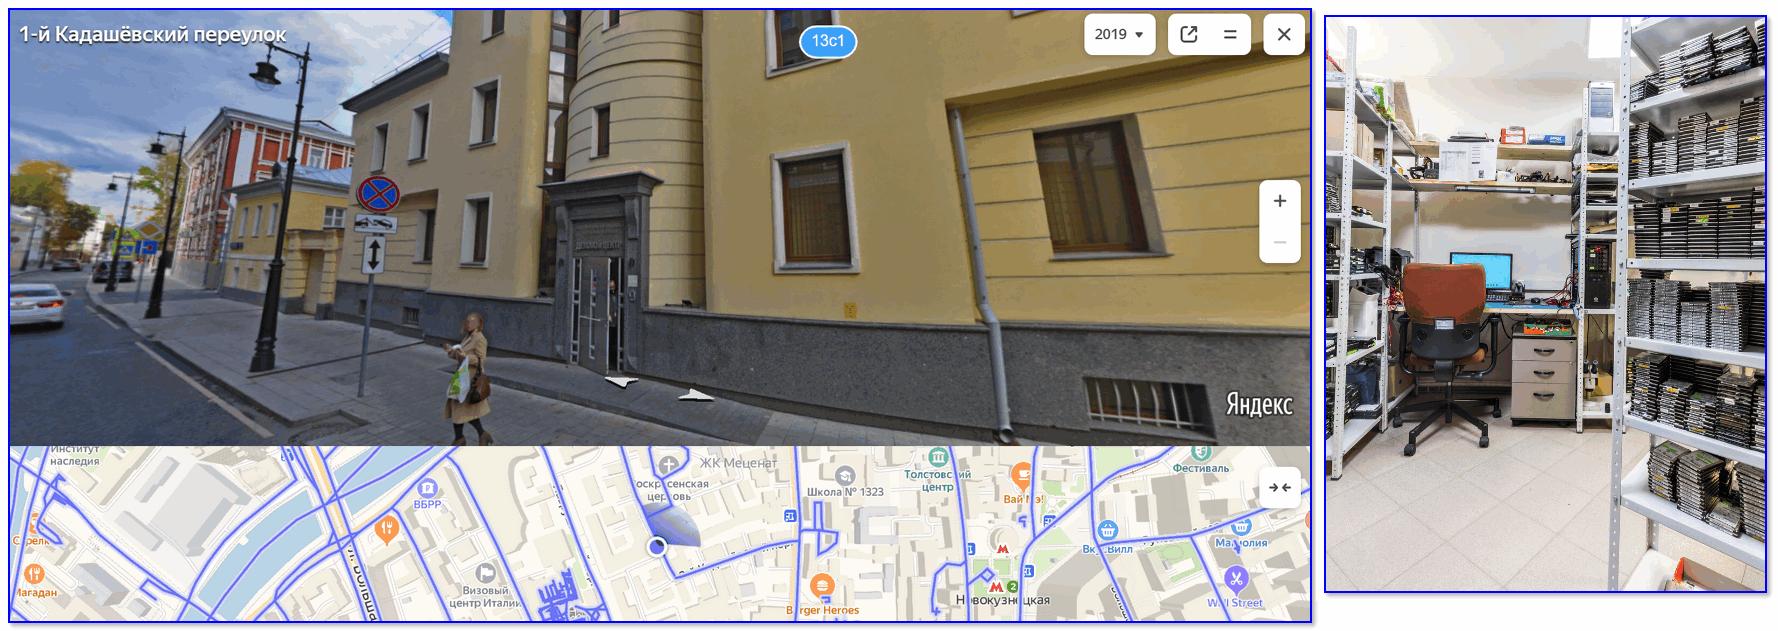 Где находится АЙКЕН - информация с Яндекс-карт